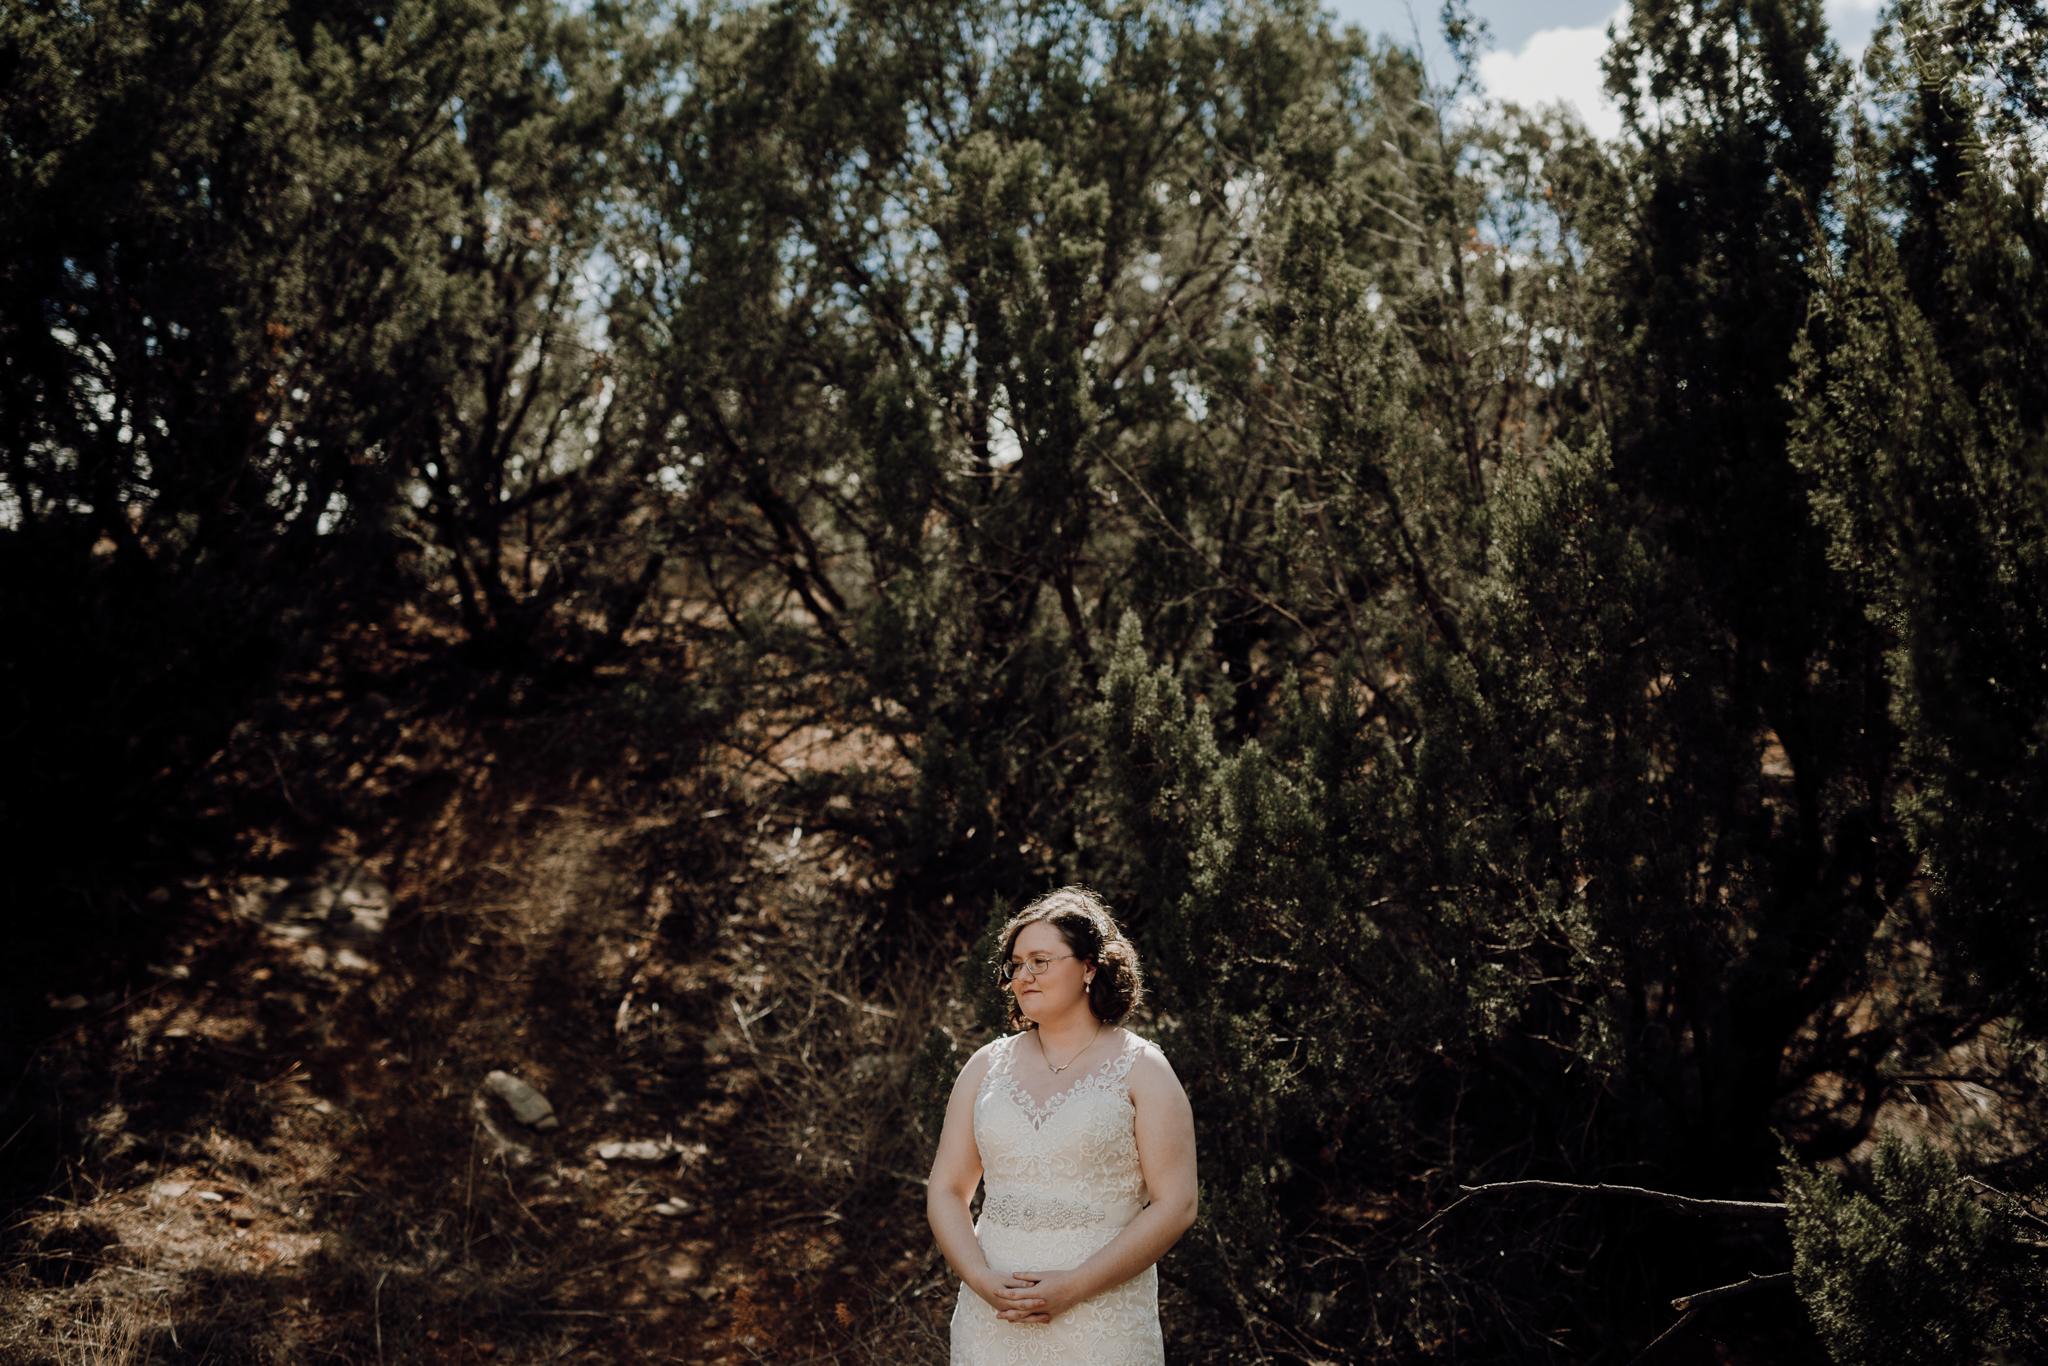 Texas Wedding Photographer-Palo Duro Canyon Sam Sex Wedding- Houston Wedding Photographer -Kristen Giles Photography-16.jpg